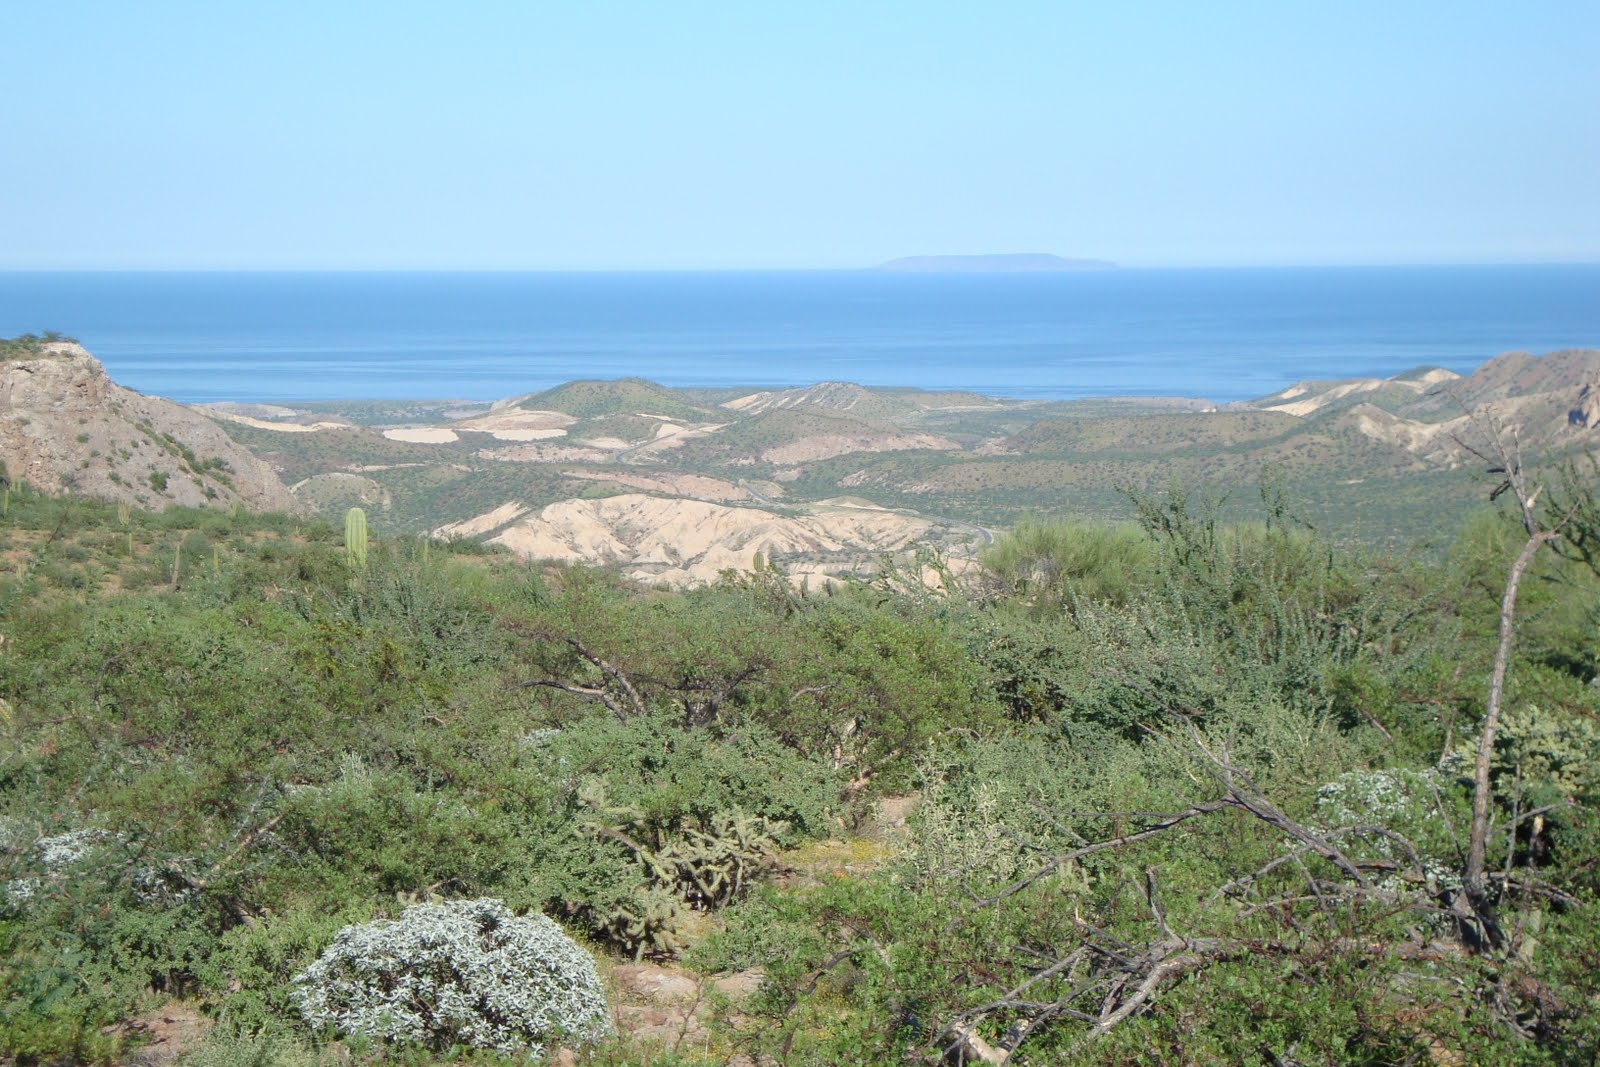 http://4.bp.blogspot.com/_YQ9B1EOwPrw/TFs-MT1NyGI/AAAAAAAAAF4/VGc0r8JN-fI/s1600/18-Baja+California+%2813%29.JPG